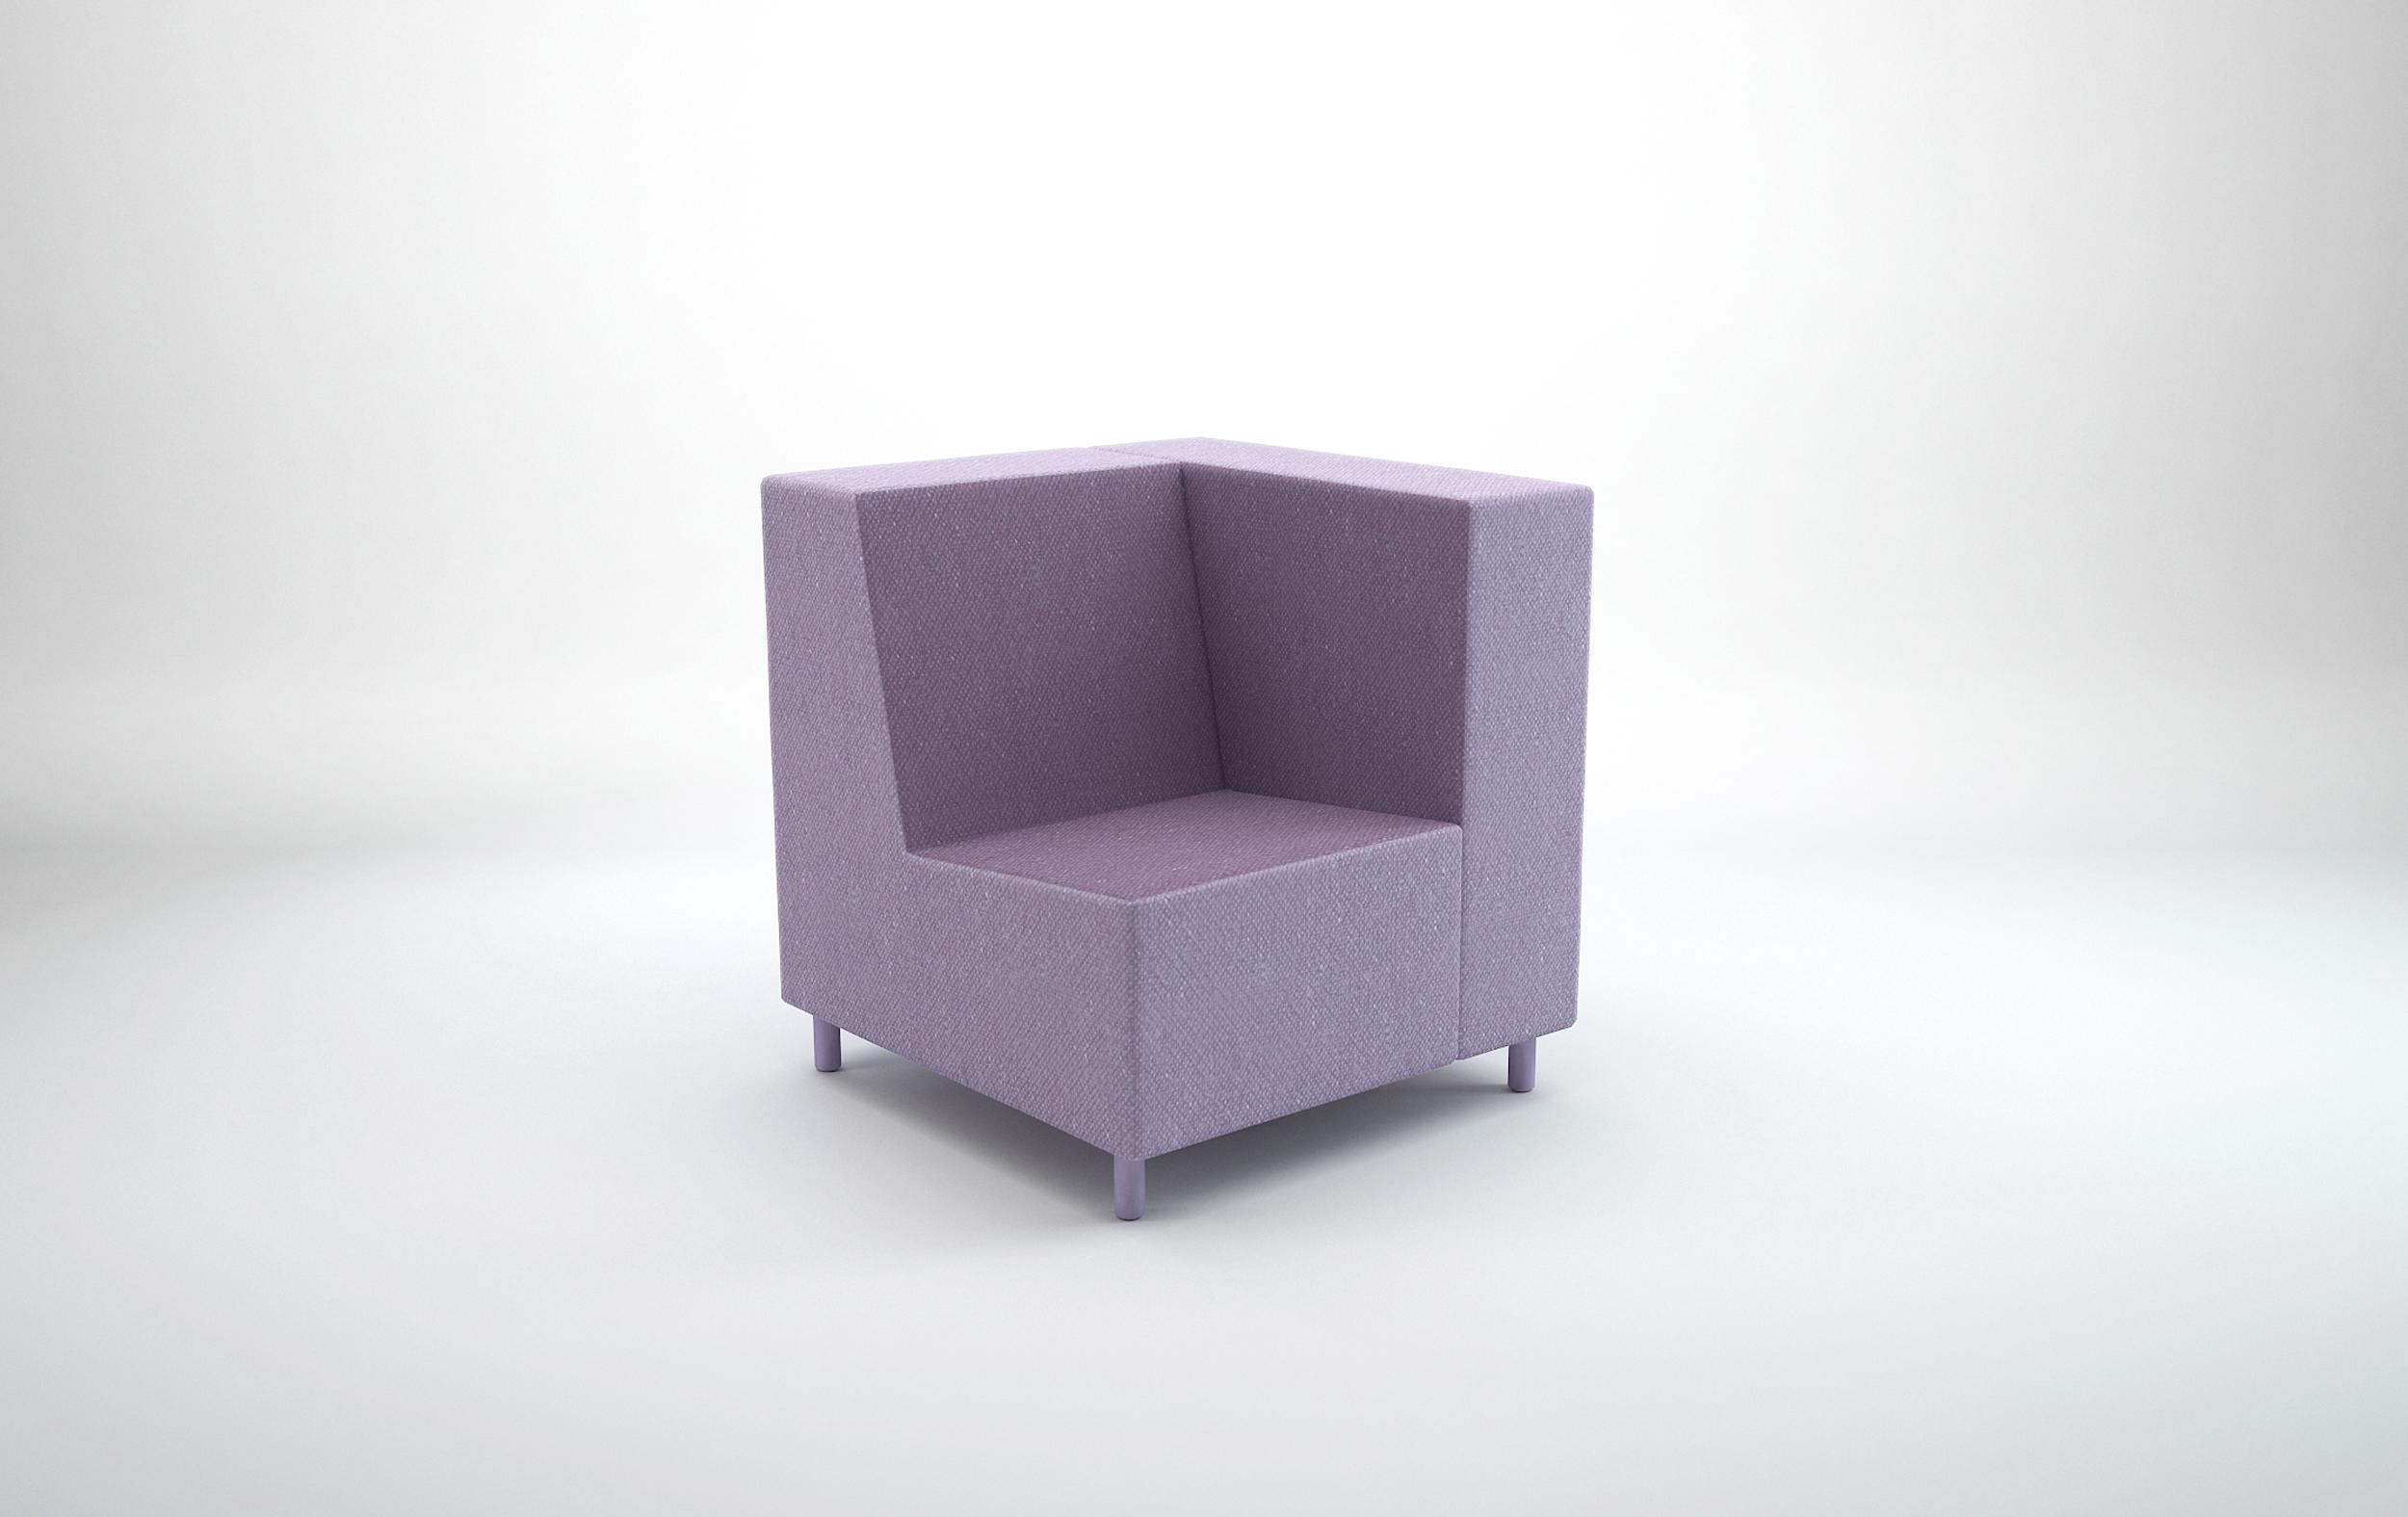 <p>MEGALITH armchair</p>